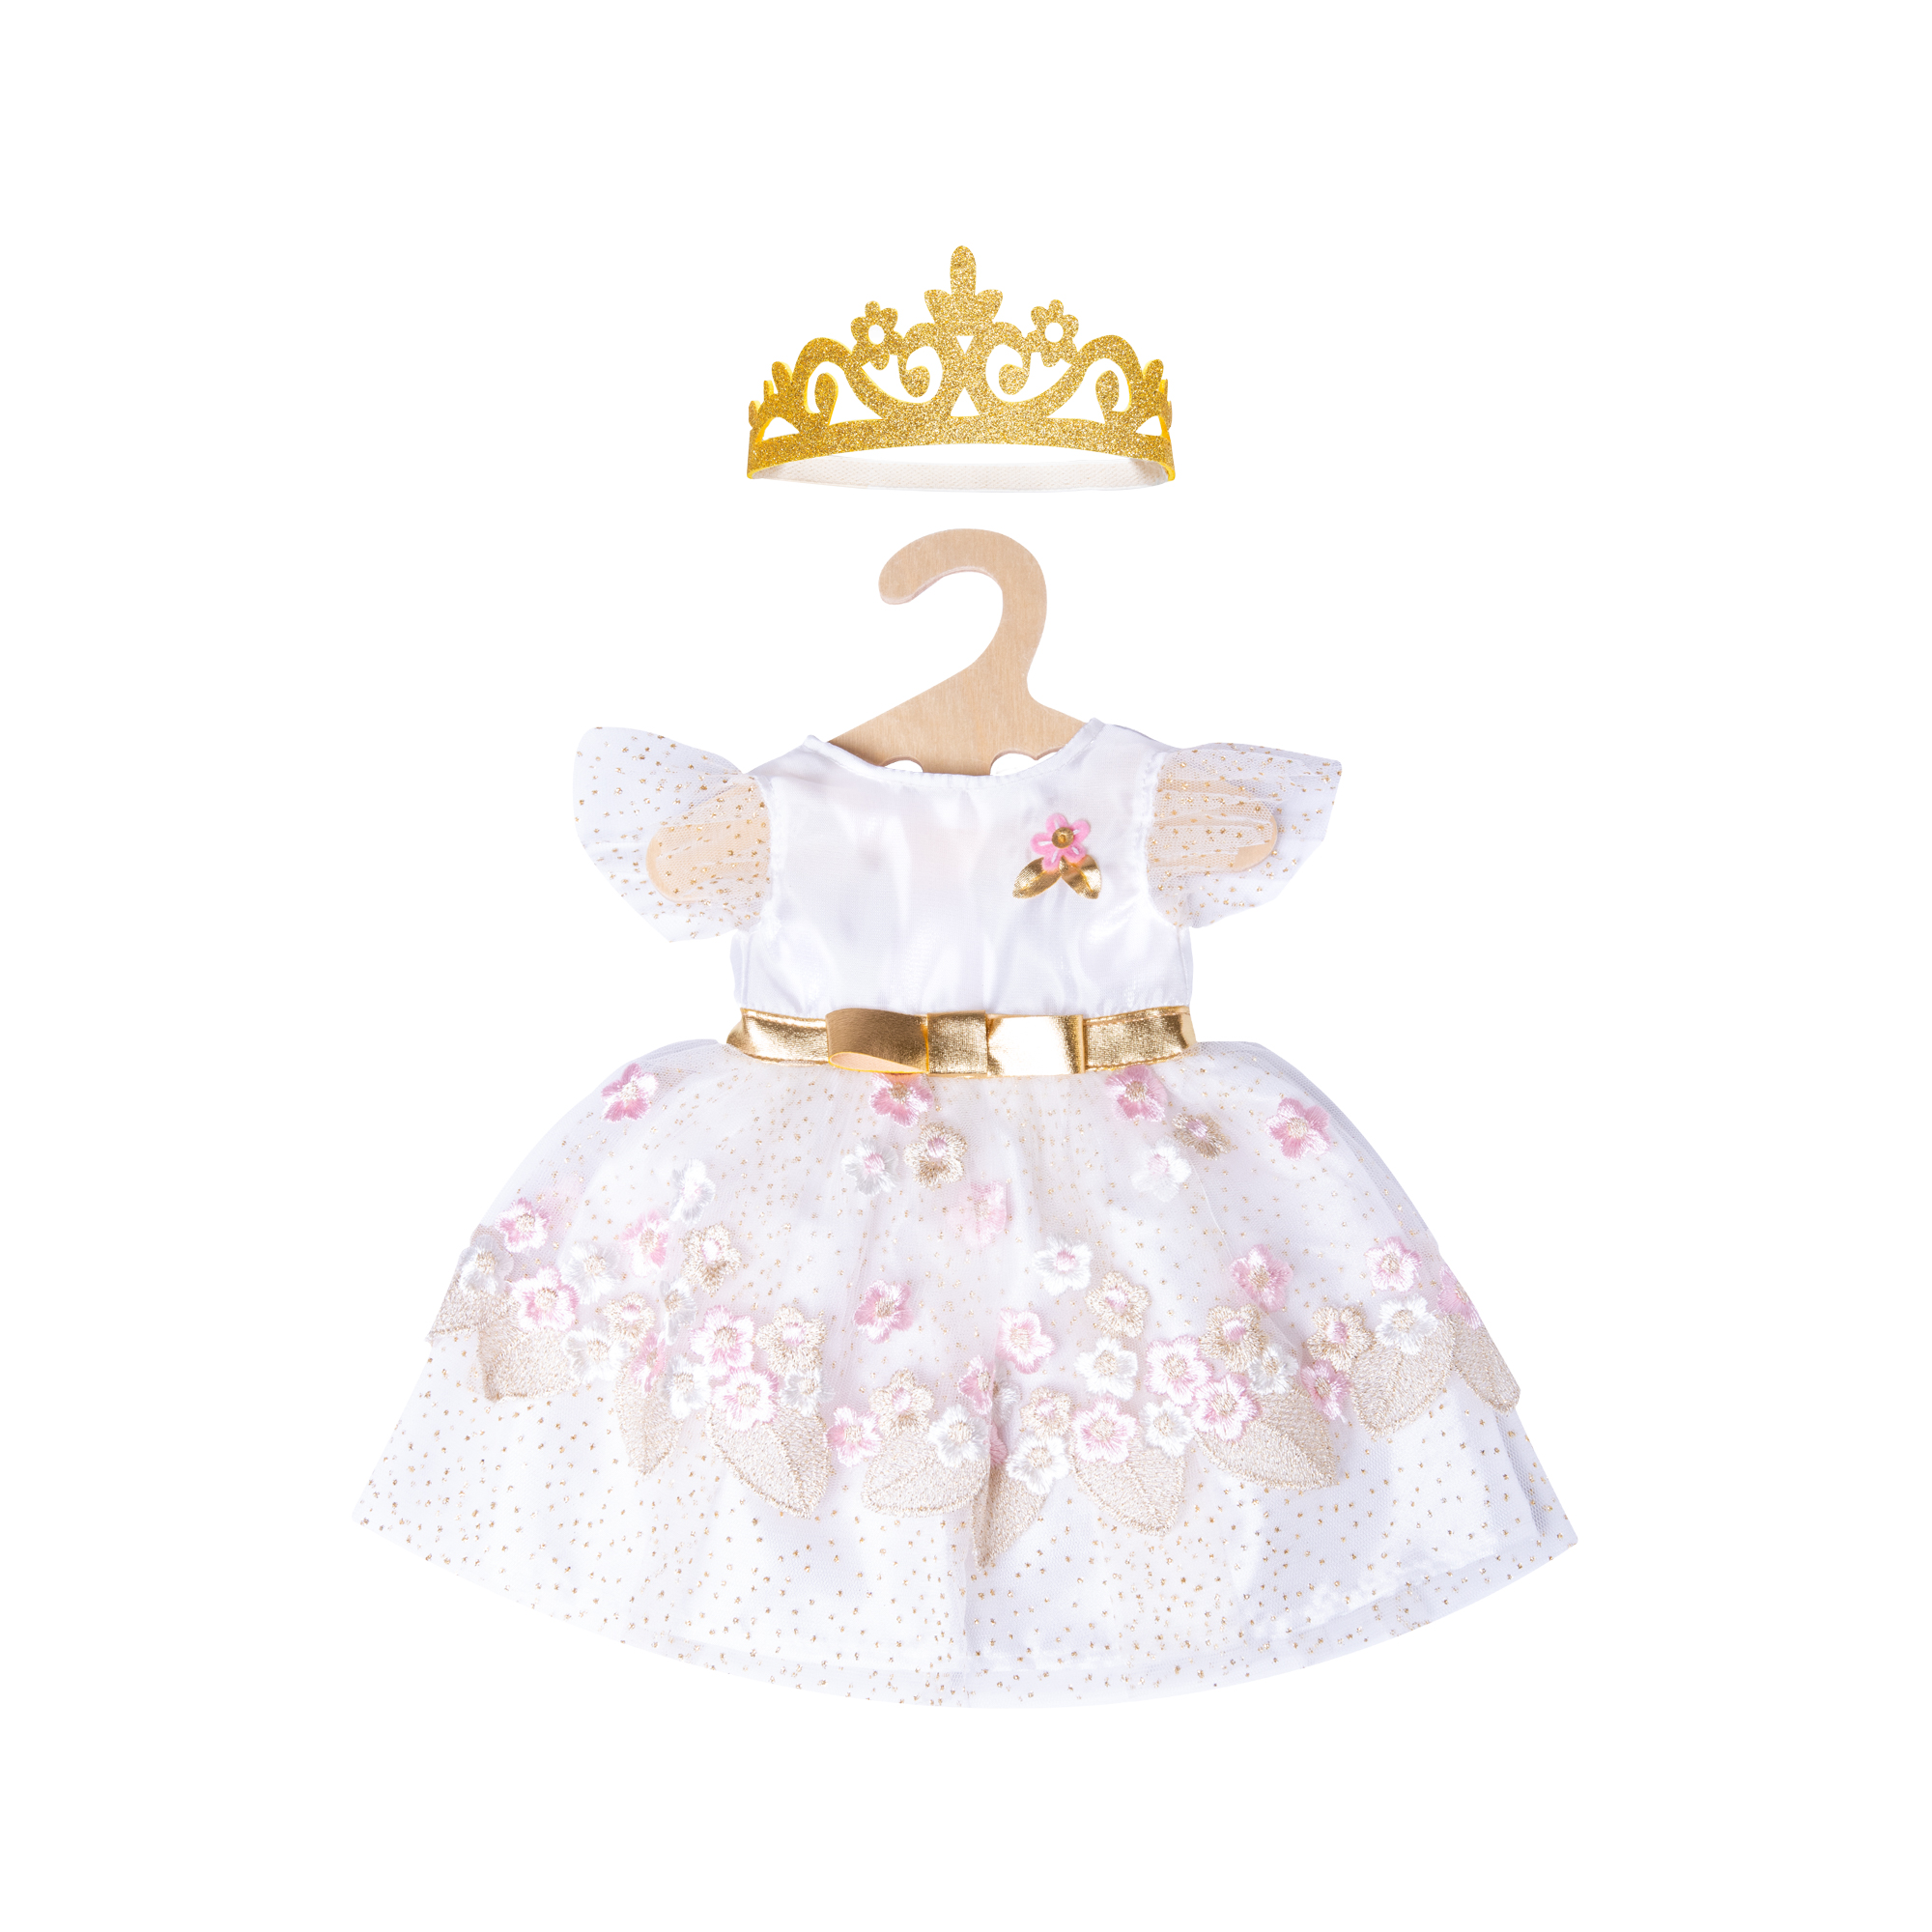 """Prinzessinnenkleid """"Kirschblüte""""  mit goldener Krone, Gr. 28-35 cm"""